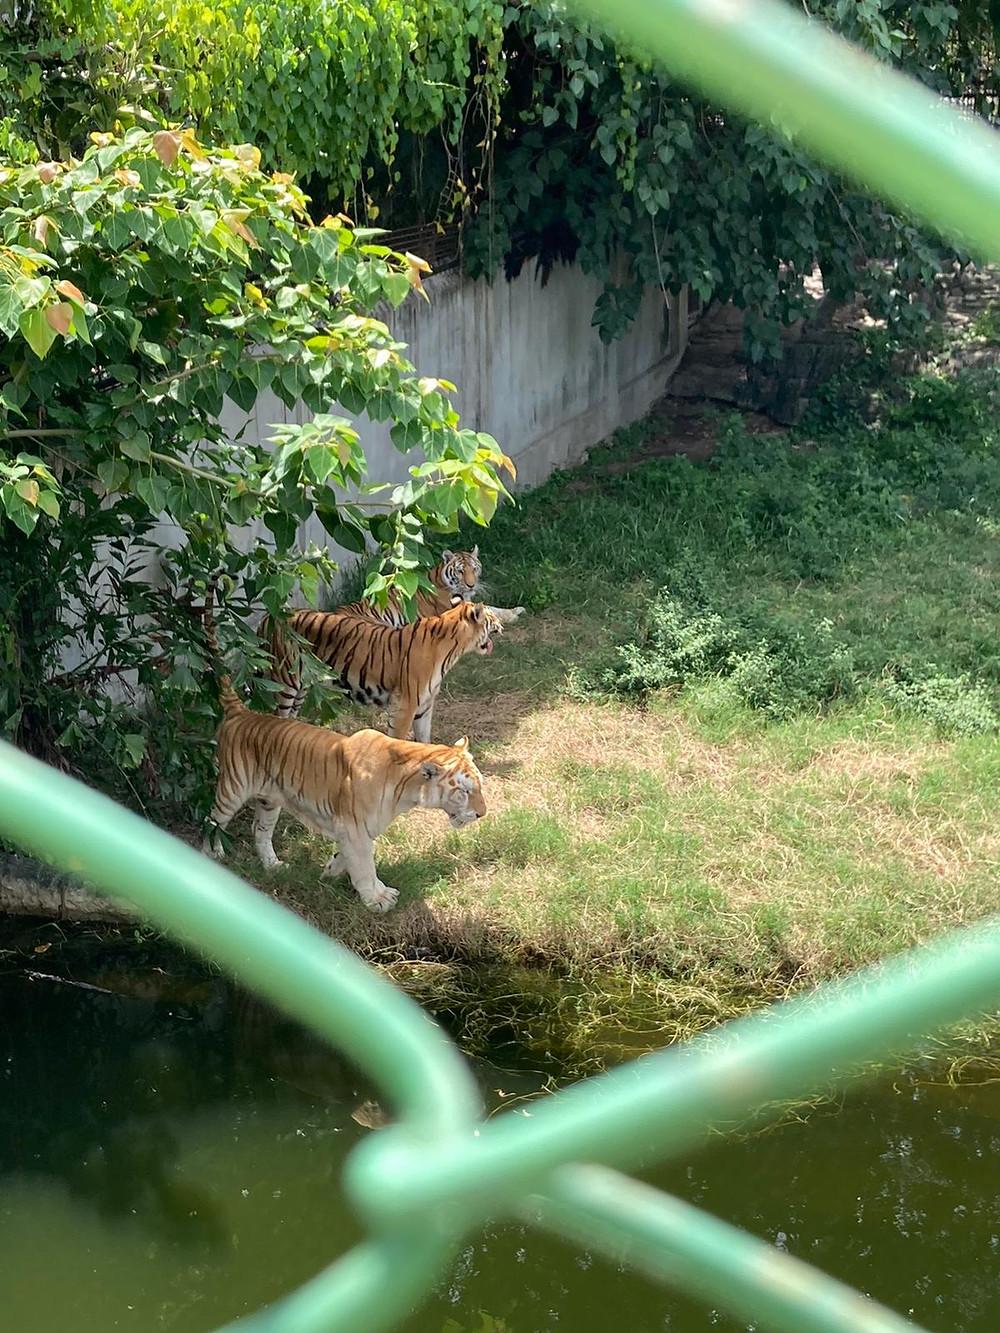 Tiger enclosure Samutprakarn Thailand